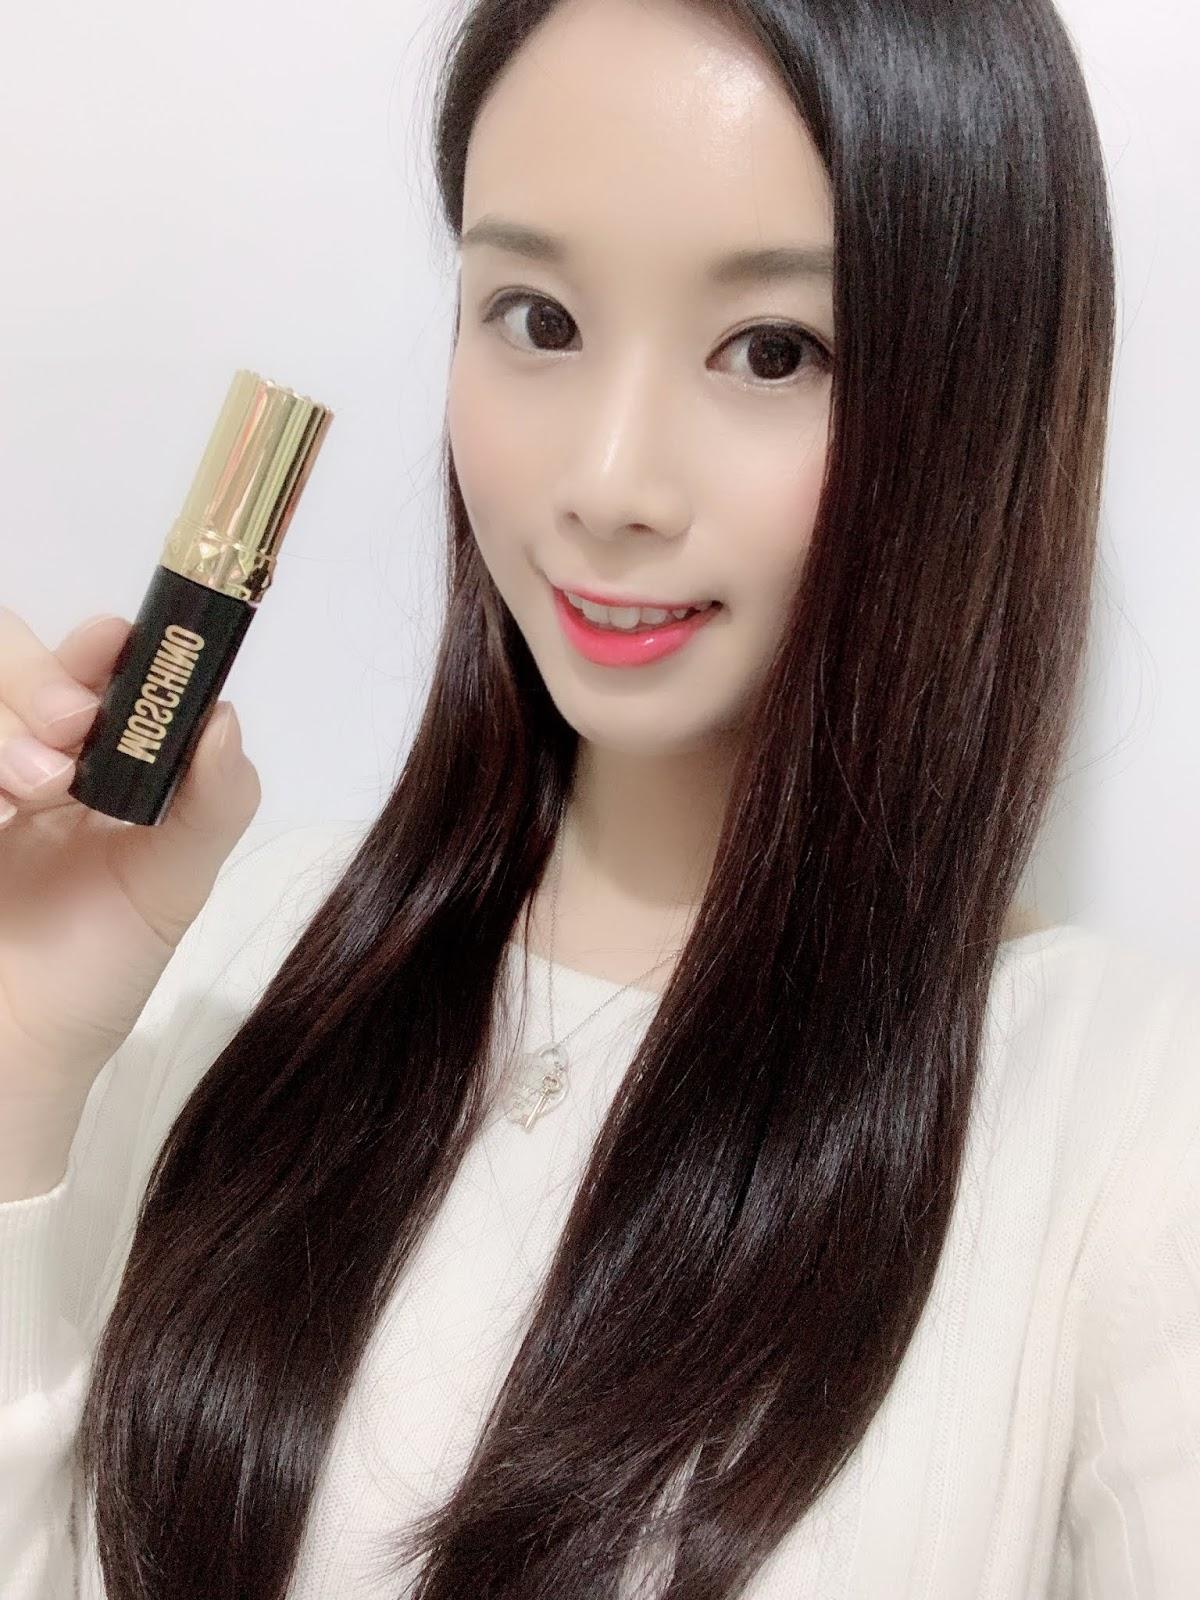 190cce6f1 Beautylife HK - ◕◡◕打造無瑕亮澤的完美光感肌♥MOSCHINO x TONYMOLY ...